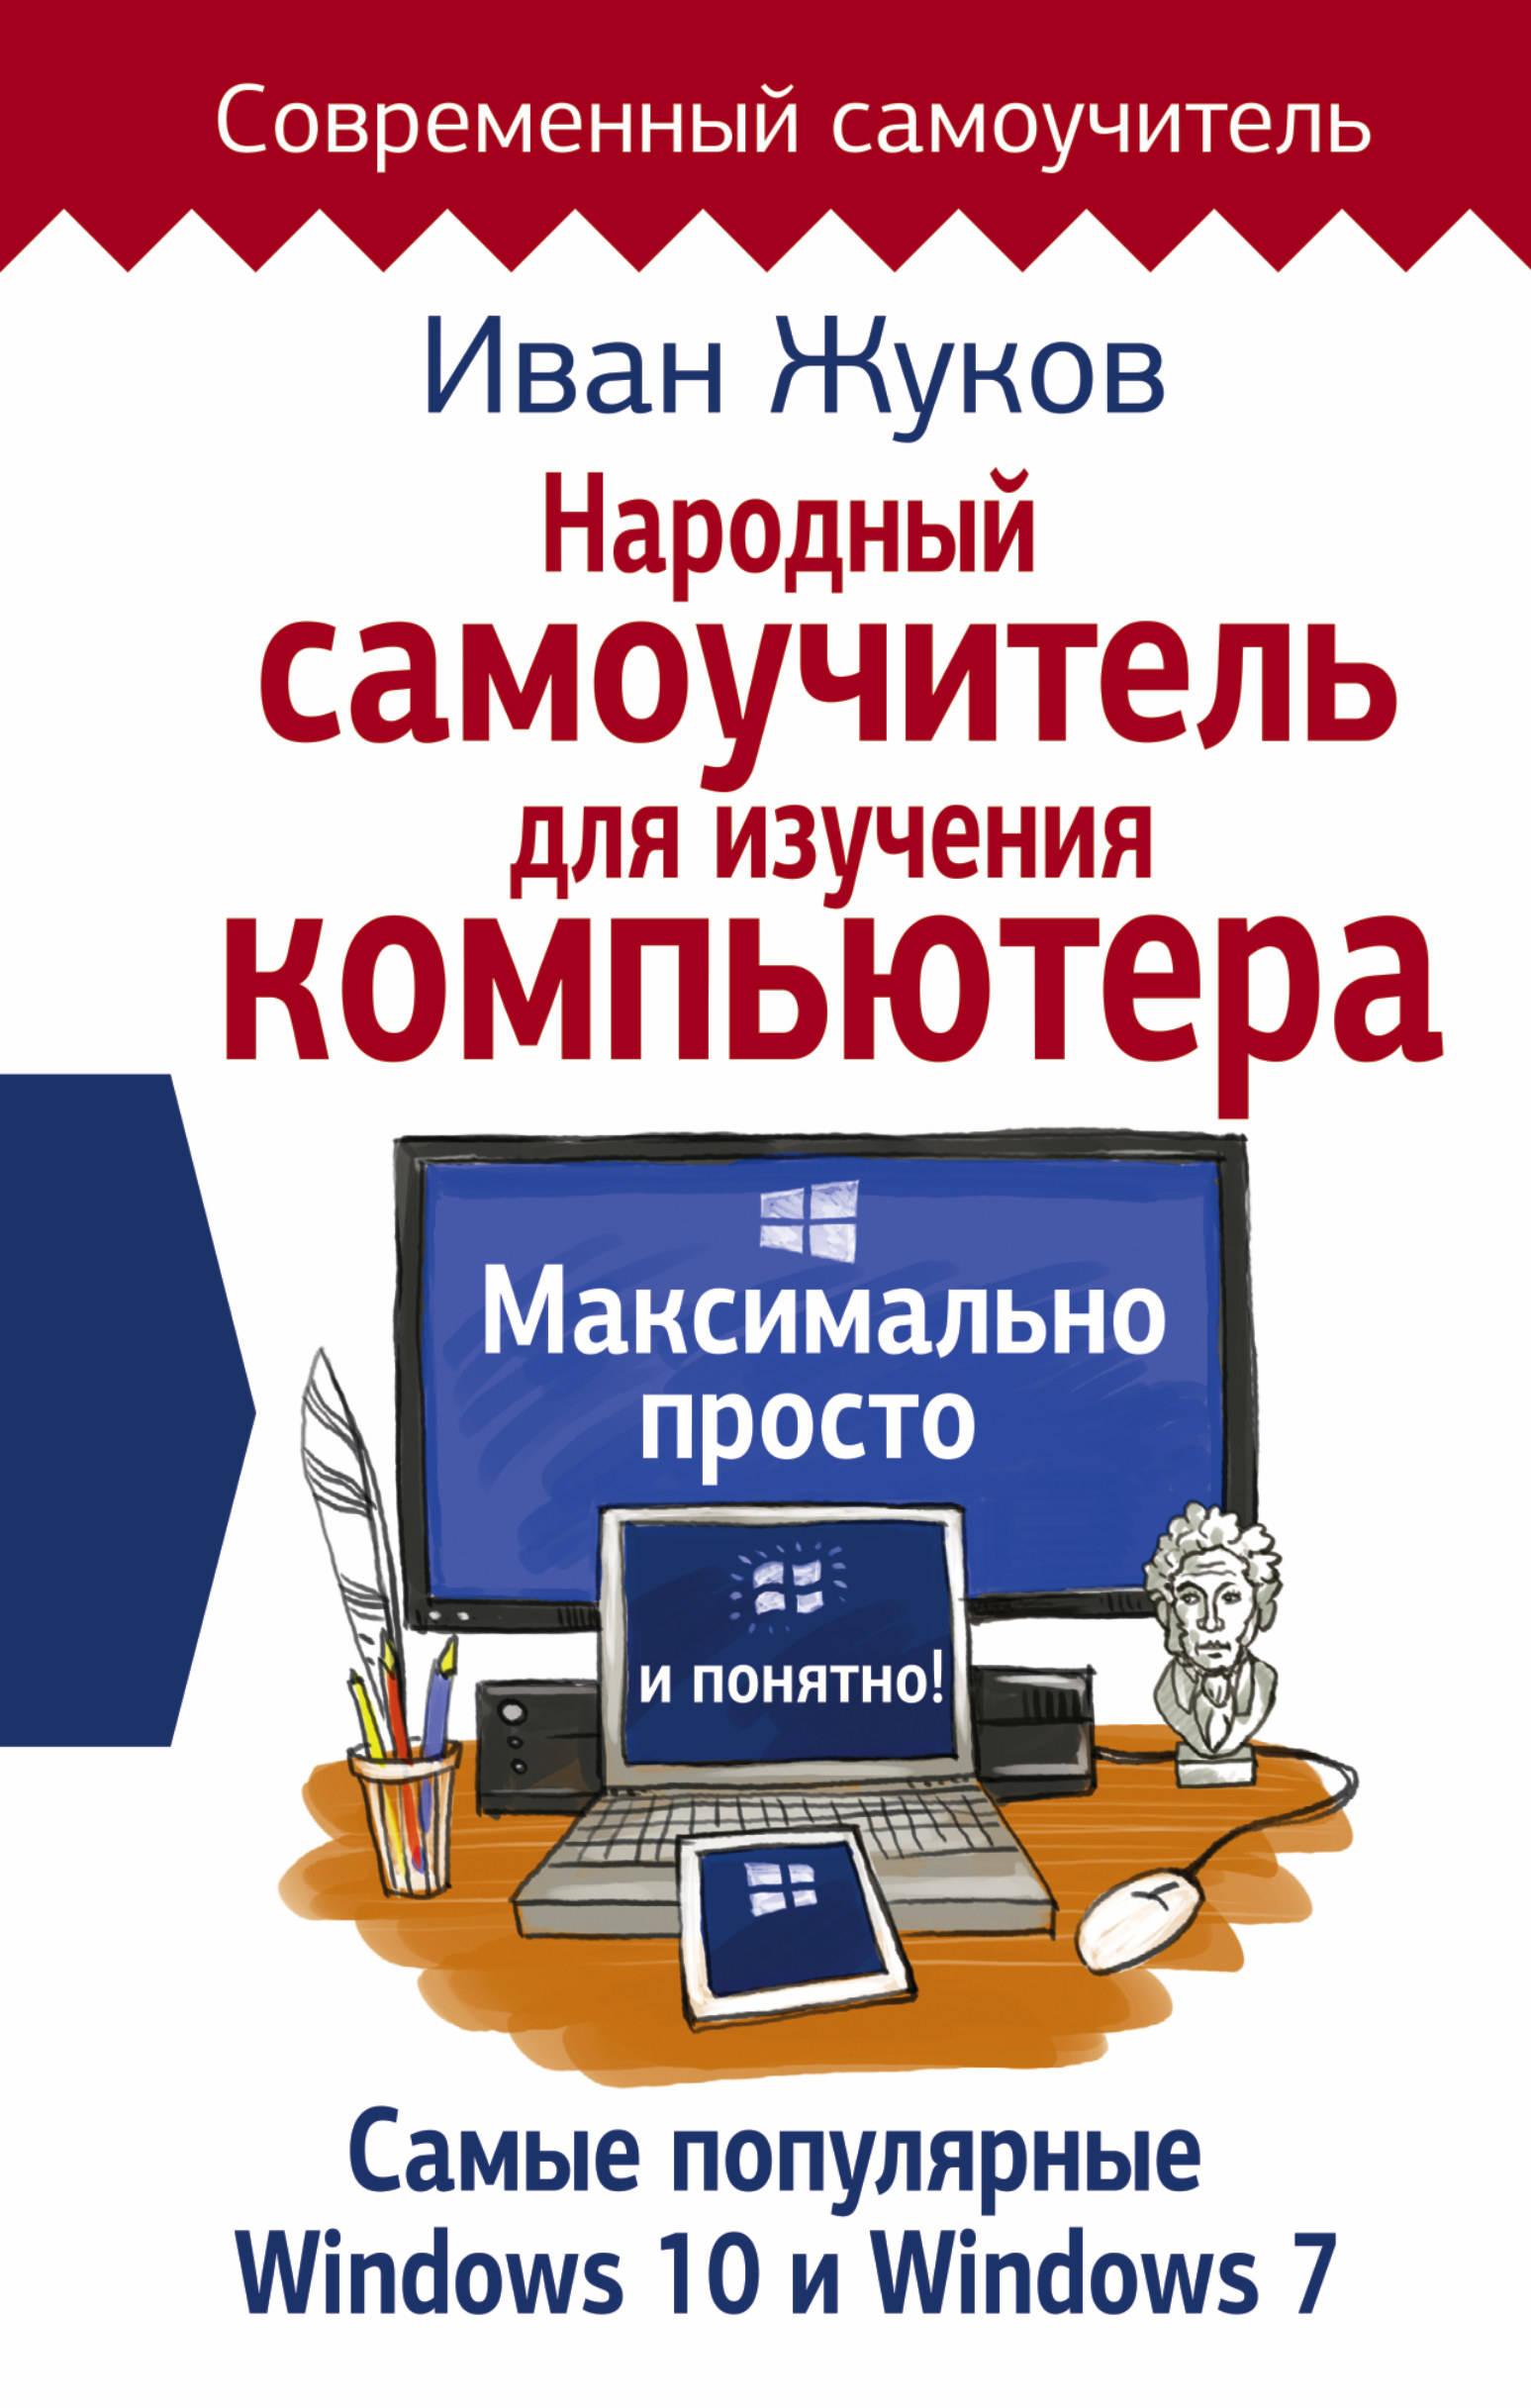 Иван Жуков. Народный самоучитель для изучения компьютера. Максимально просто и понятно!